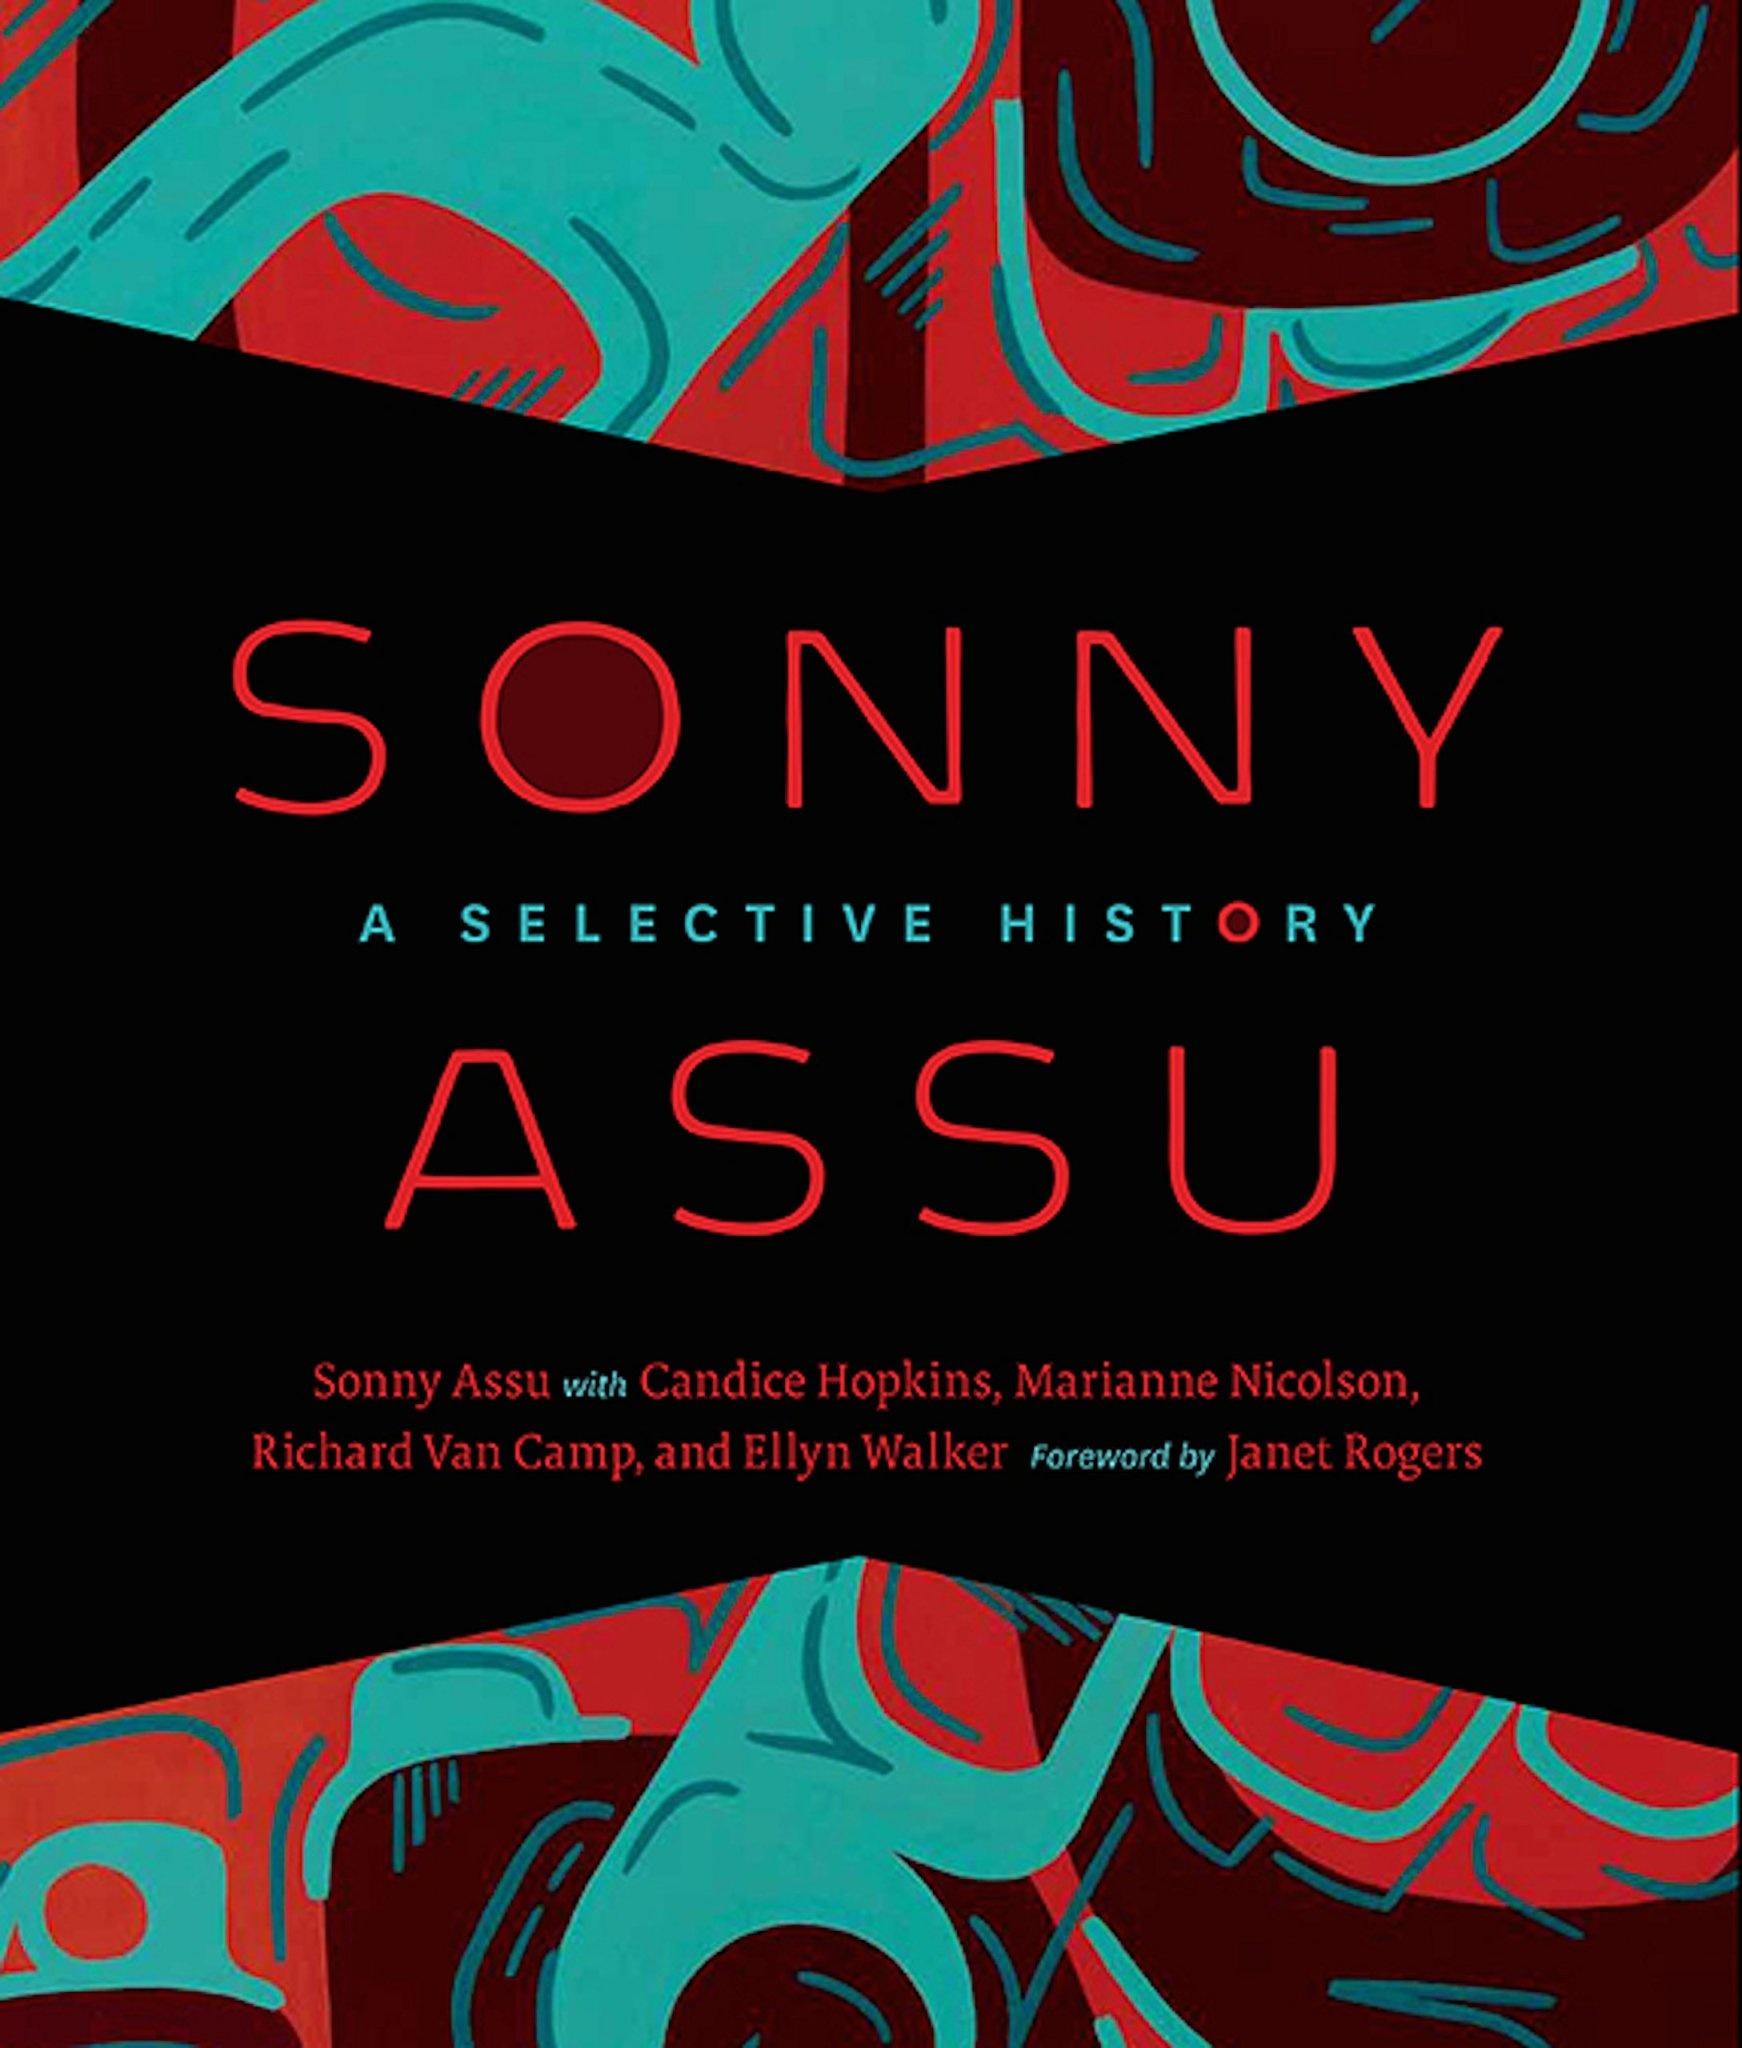 Sonny Assu - A Selective History